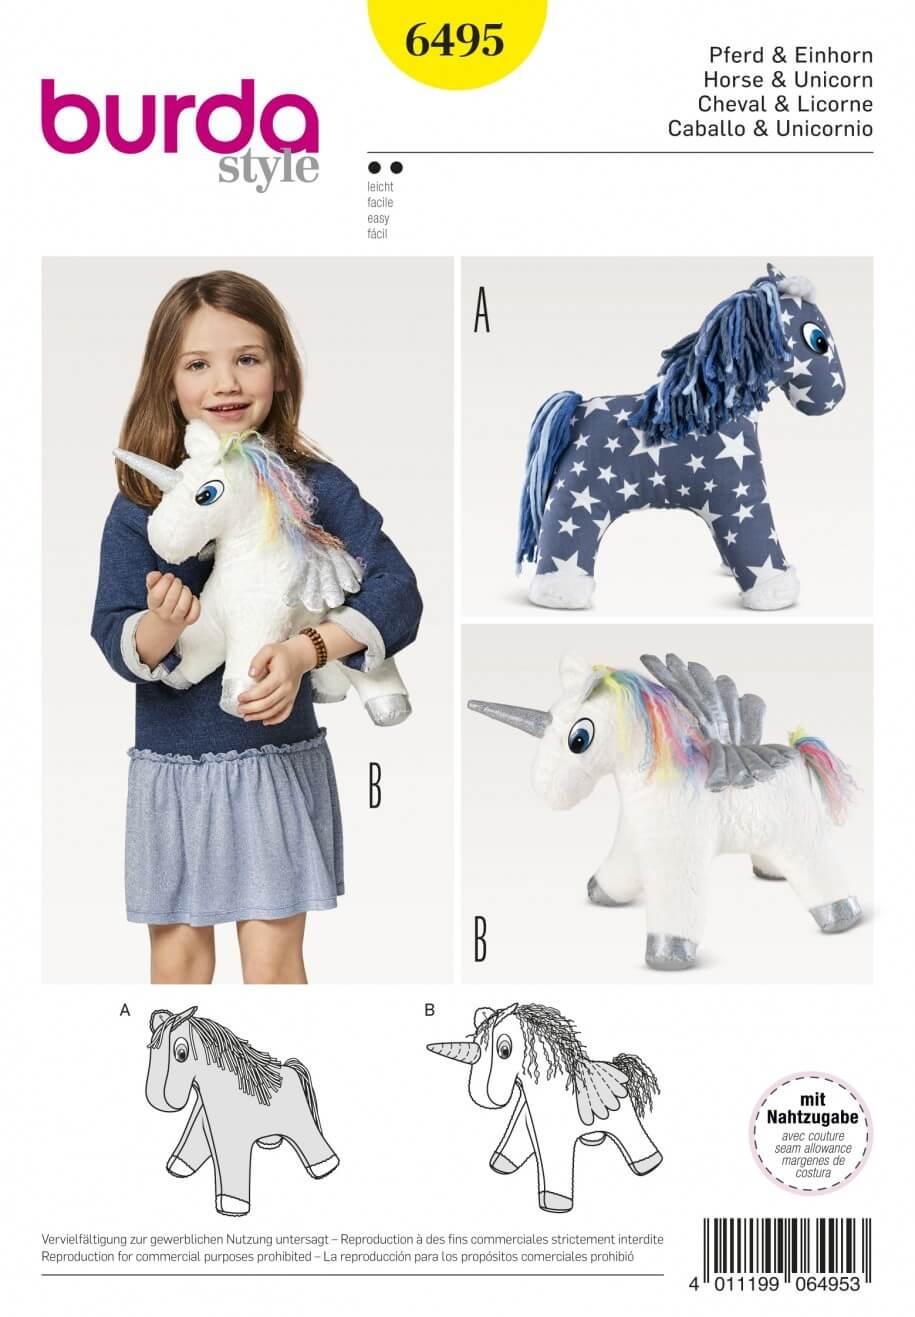 Burda Style Cuddly Horse & Unicorn Child's Stuffed Toy Sewing Pattern 6495